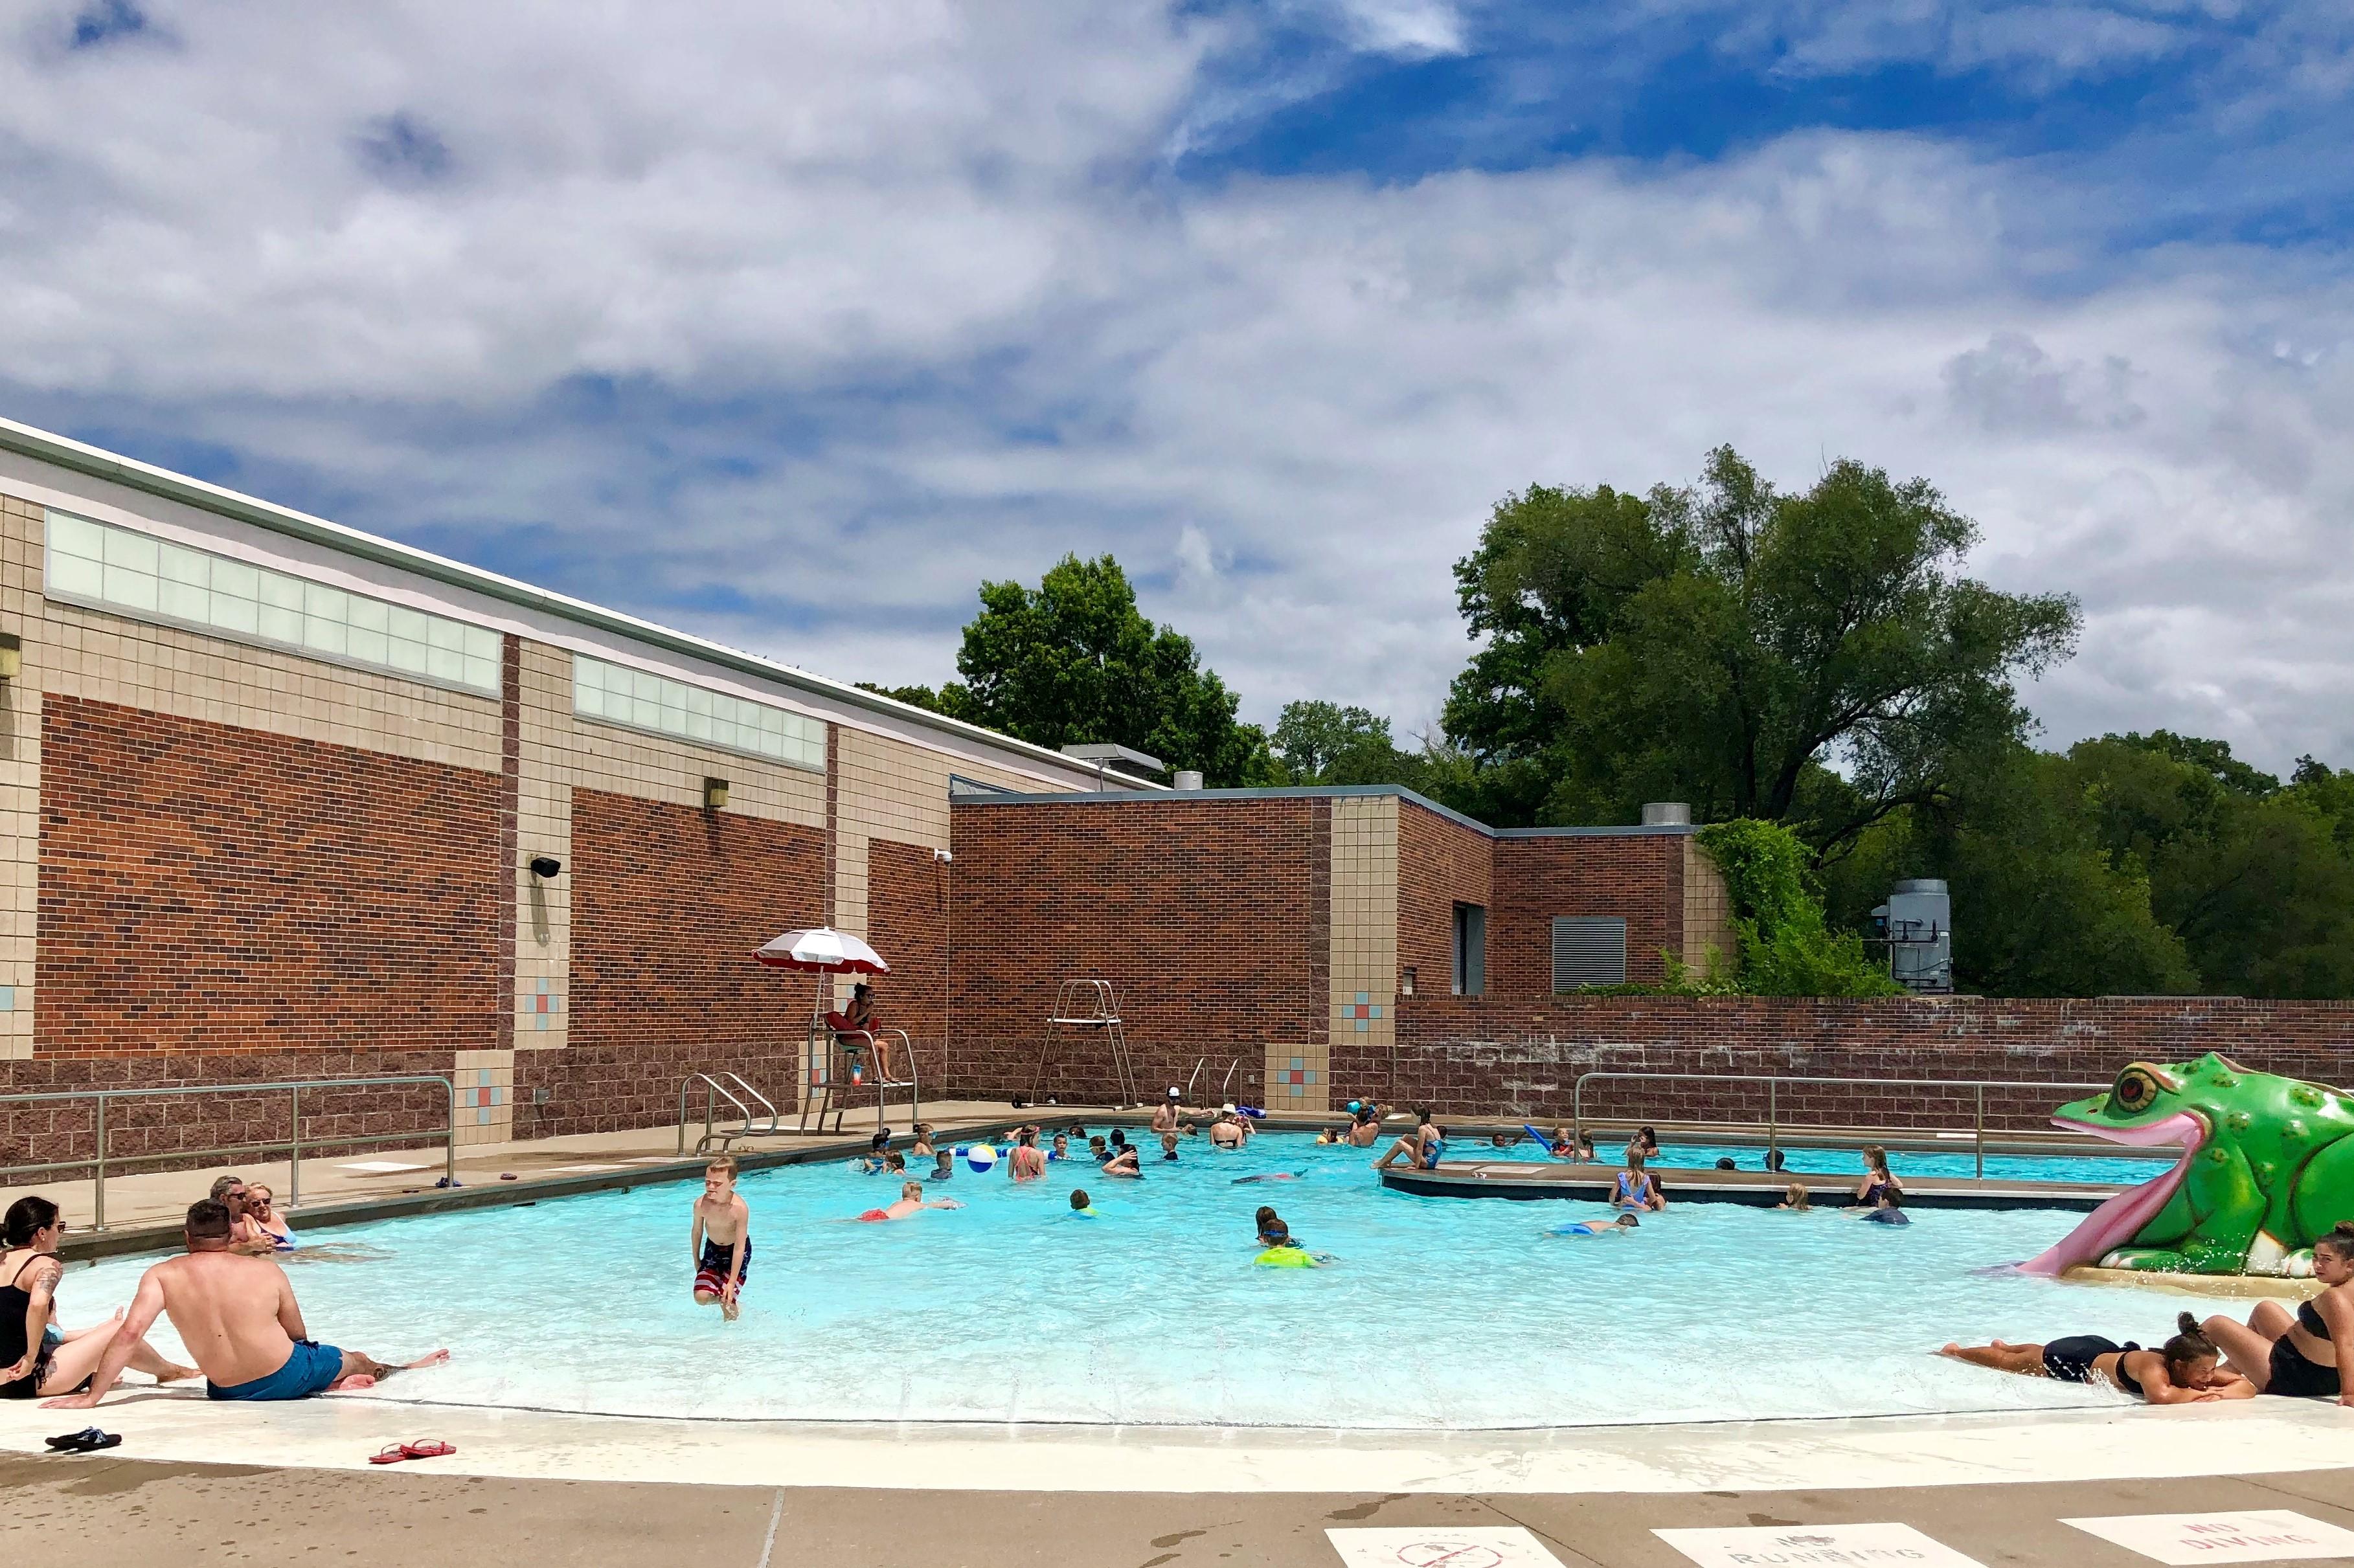 L.C. Pool